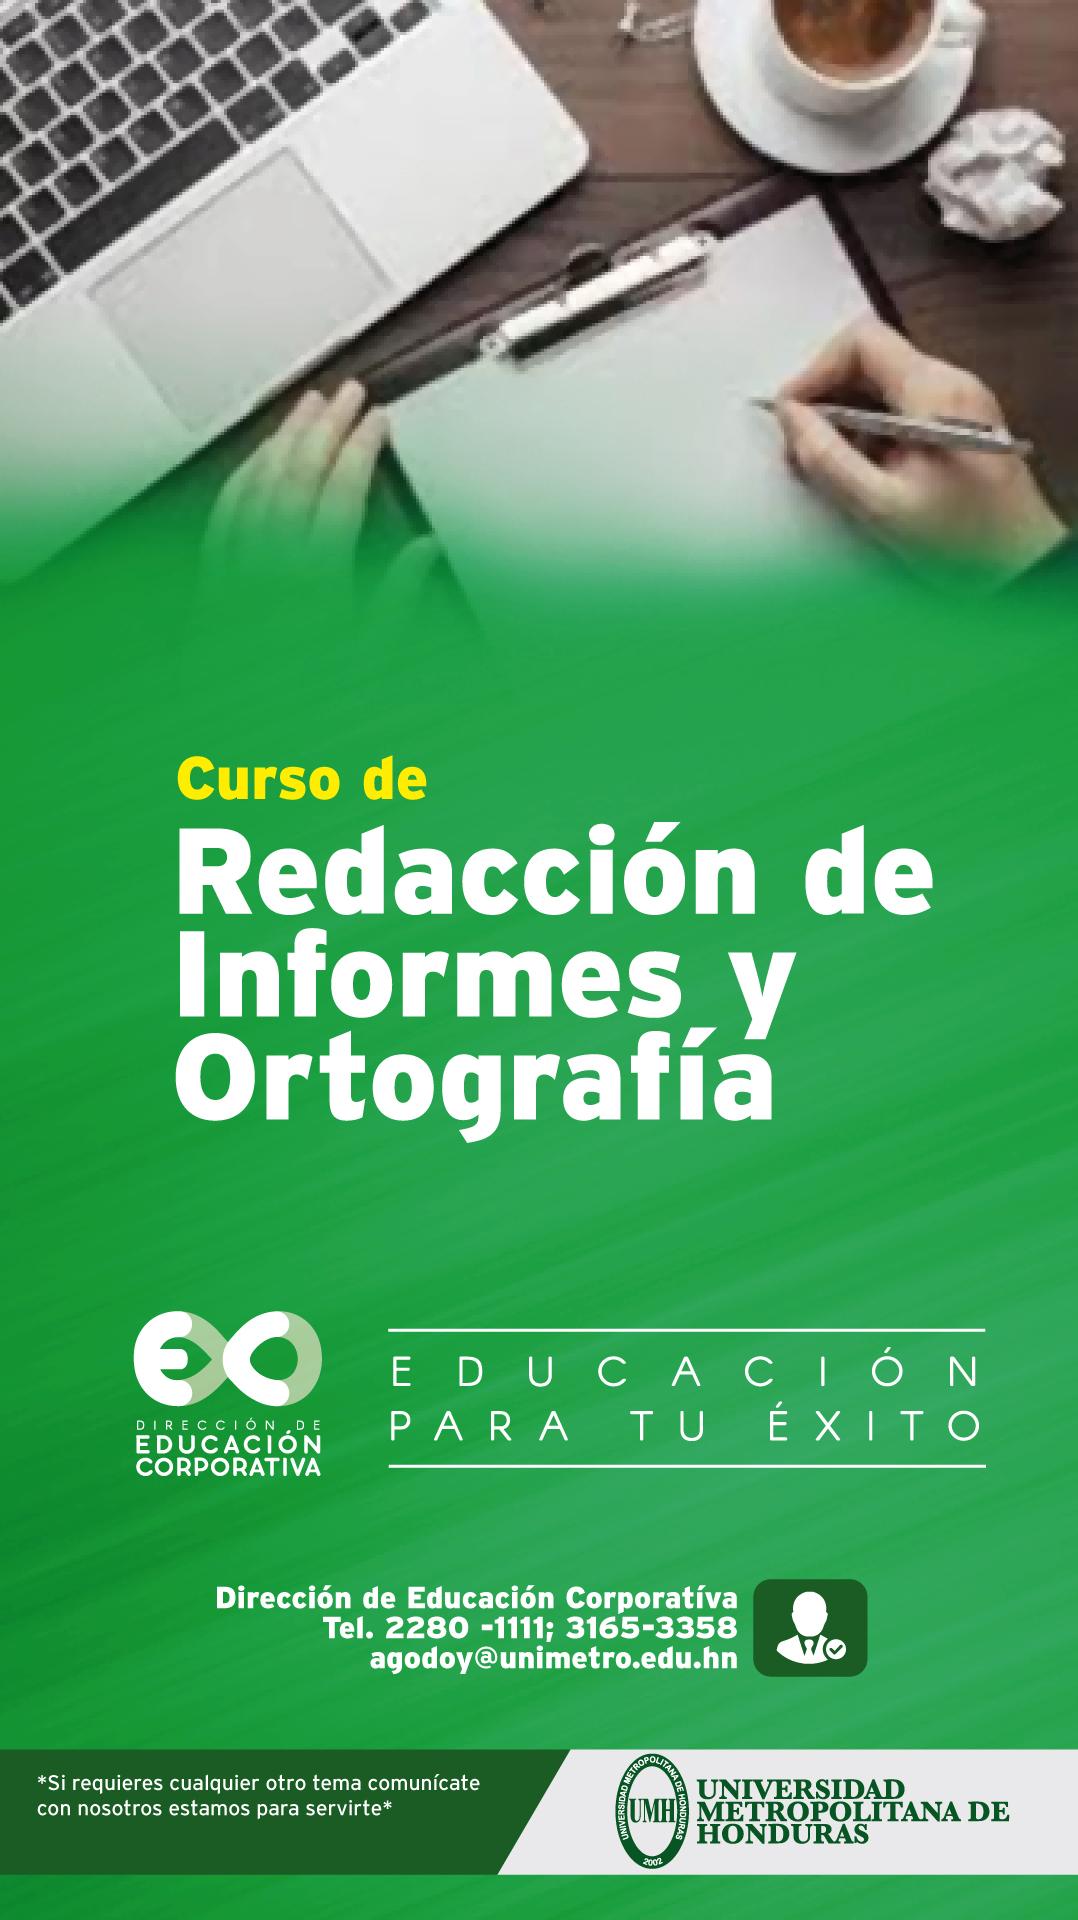 Redacción de Informes y Ortografía